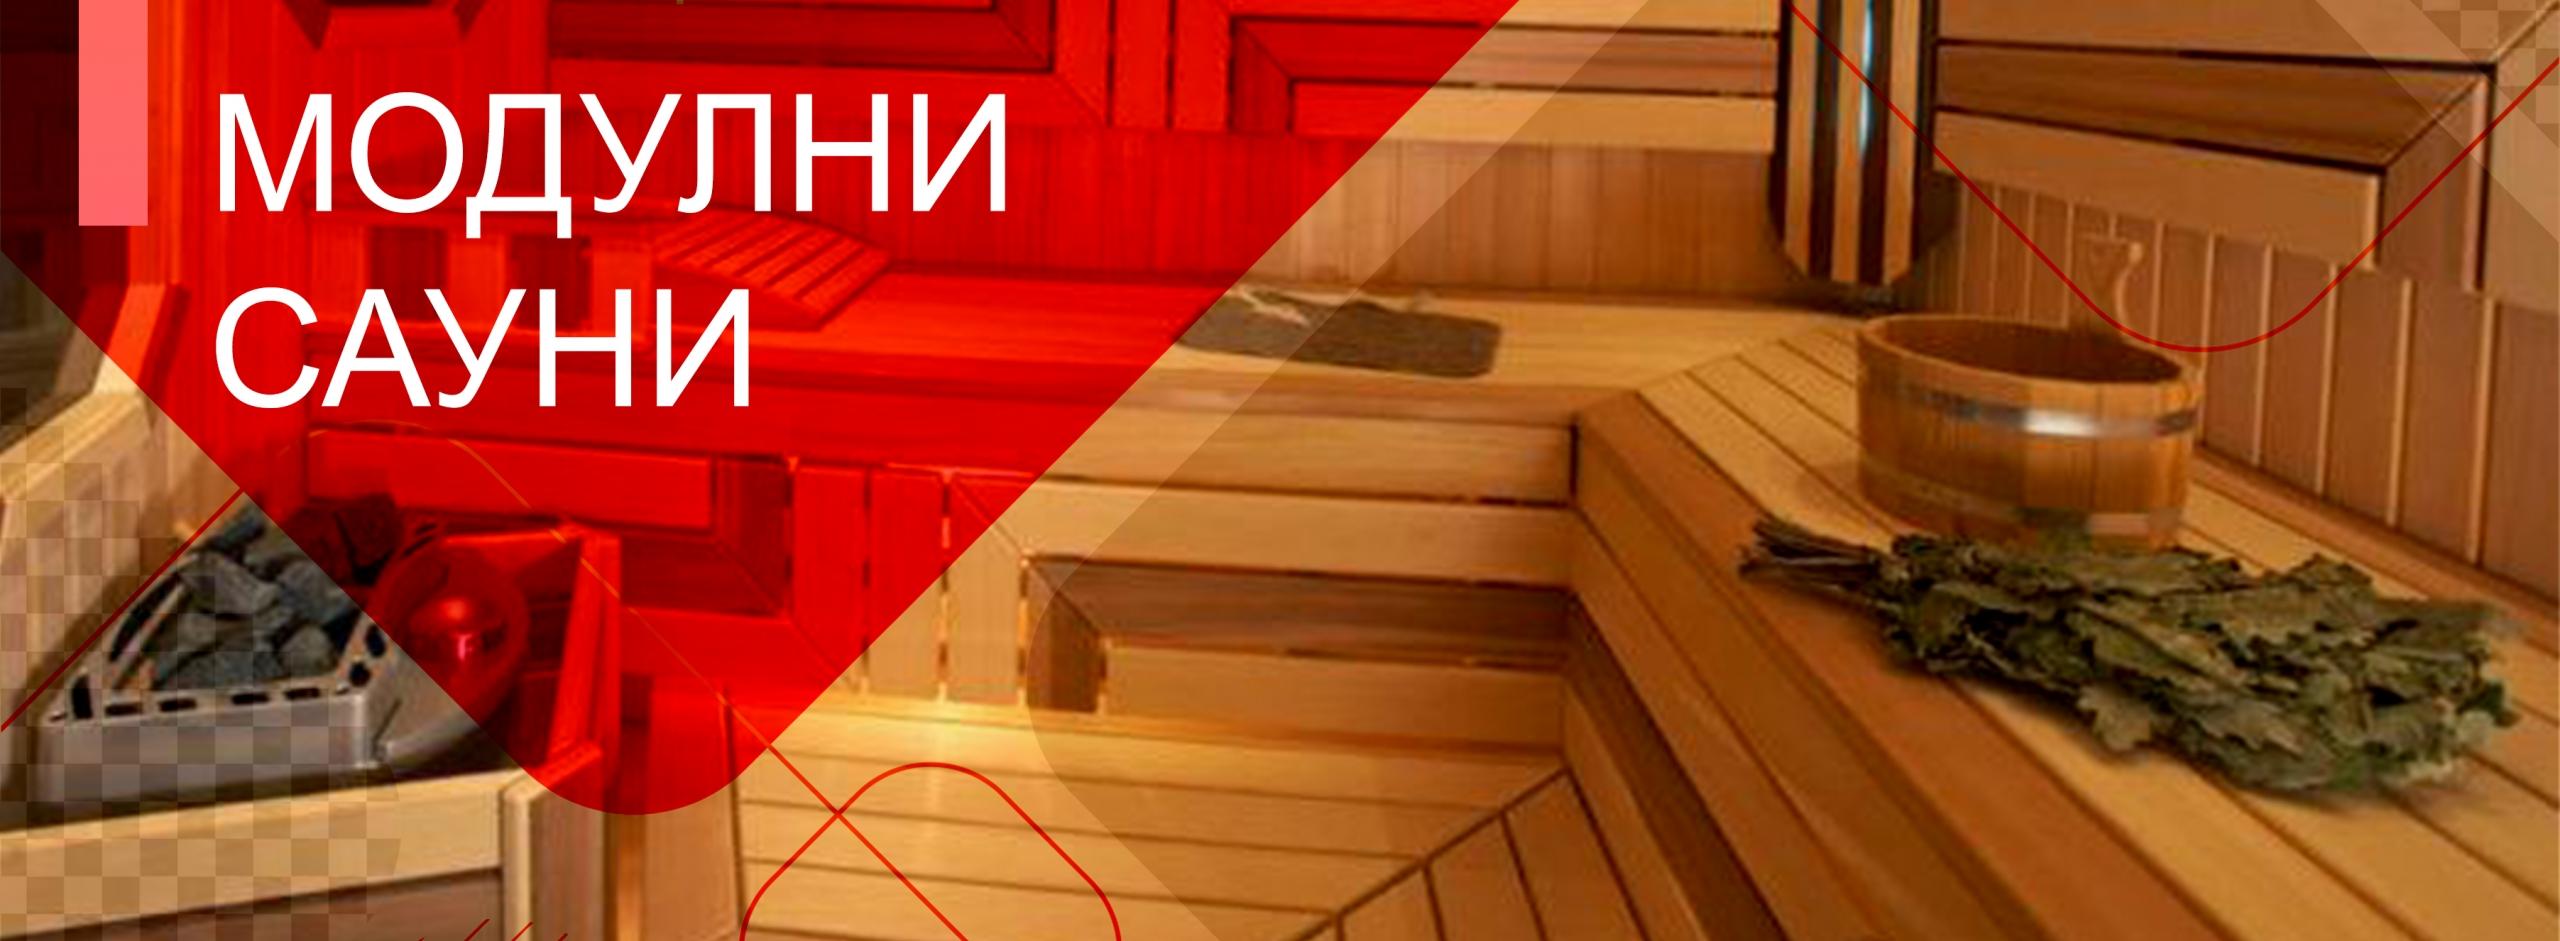 Модулни сауни от Sauna Club - доставка и монтаж